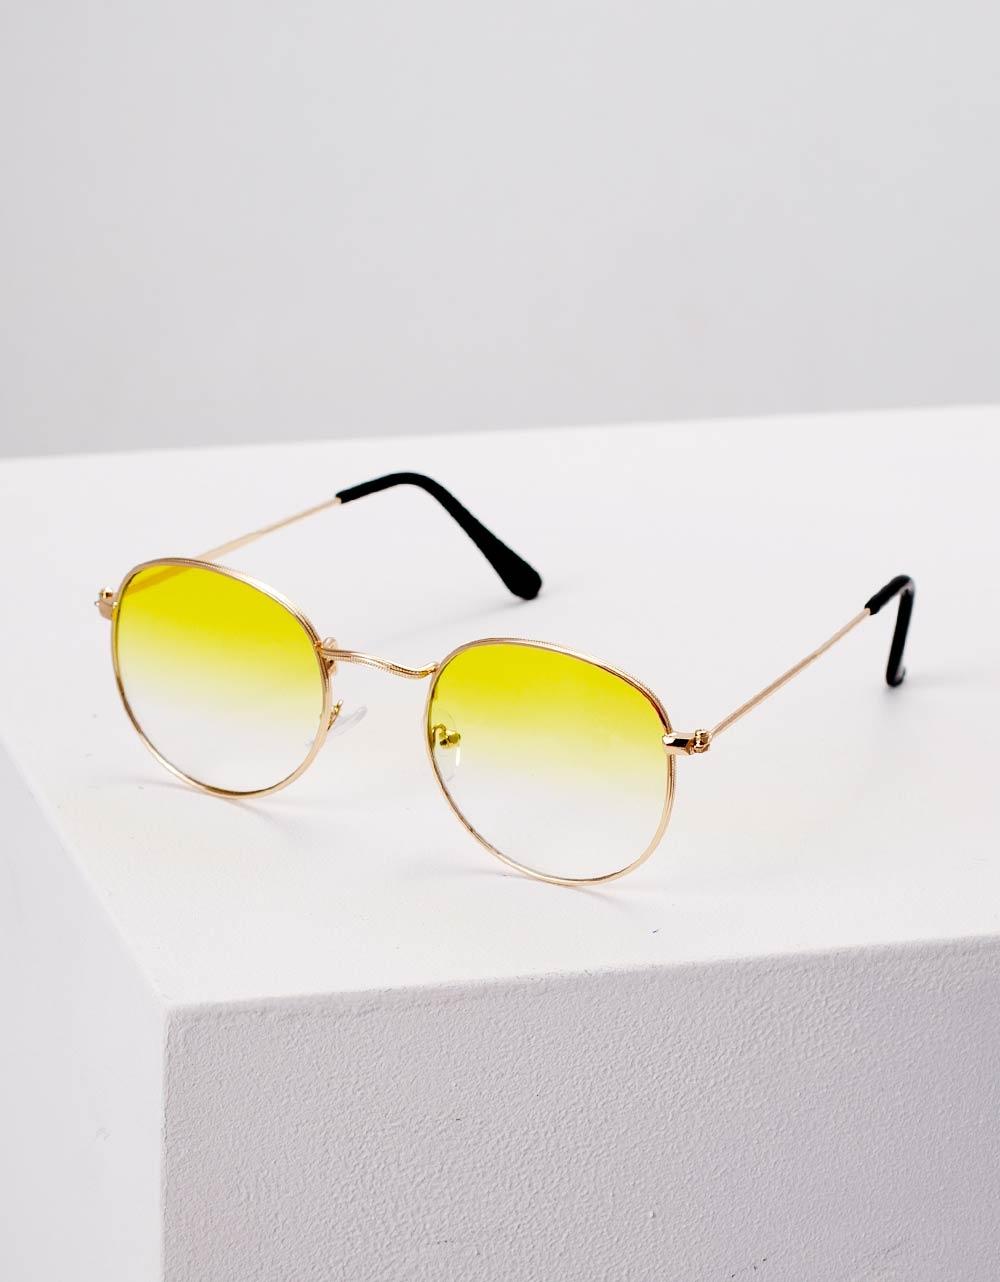 Εικόνα από Γυναικεία γυαλιά ηλίου με λεπτό σκελετό Κίτρινο